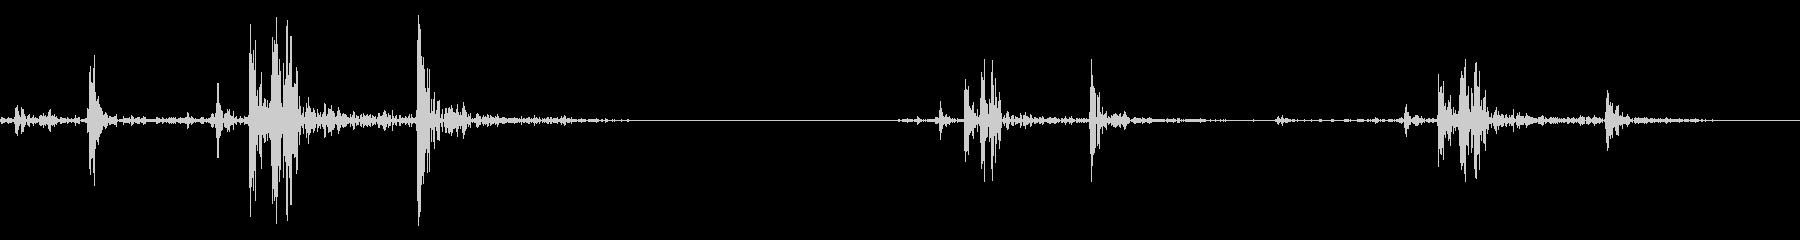 汎用的なシステム音(カシャカシャの未再生の波形